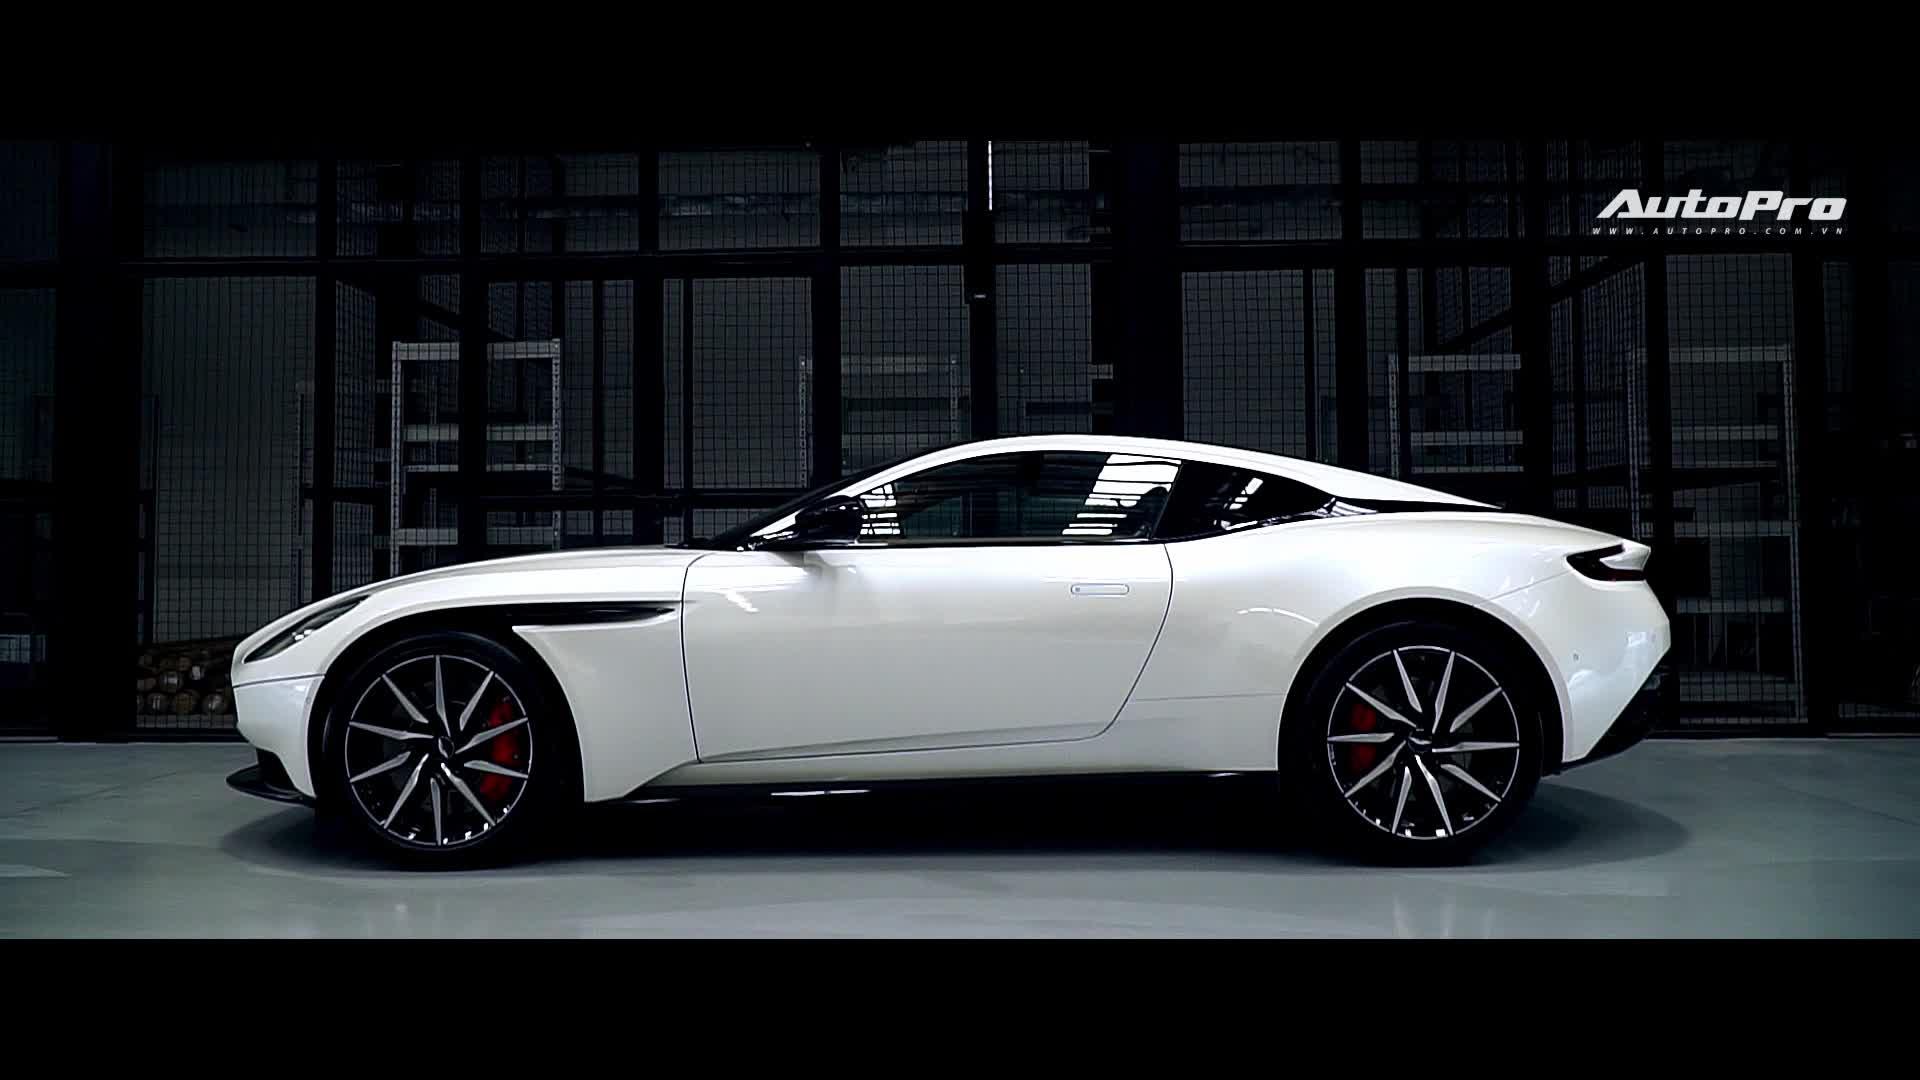 Cận cảnh Aston Martin DB11 màu trắng Morning Frost tại Sài Gòn với giá niêm yết hơn 15 tỉ đồng